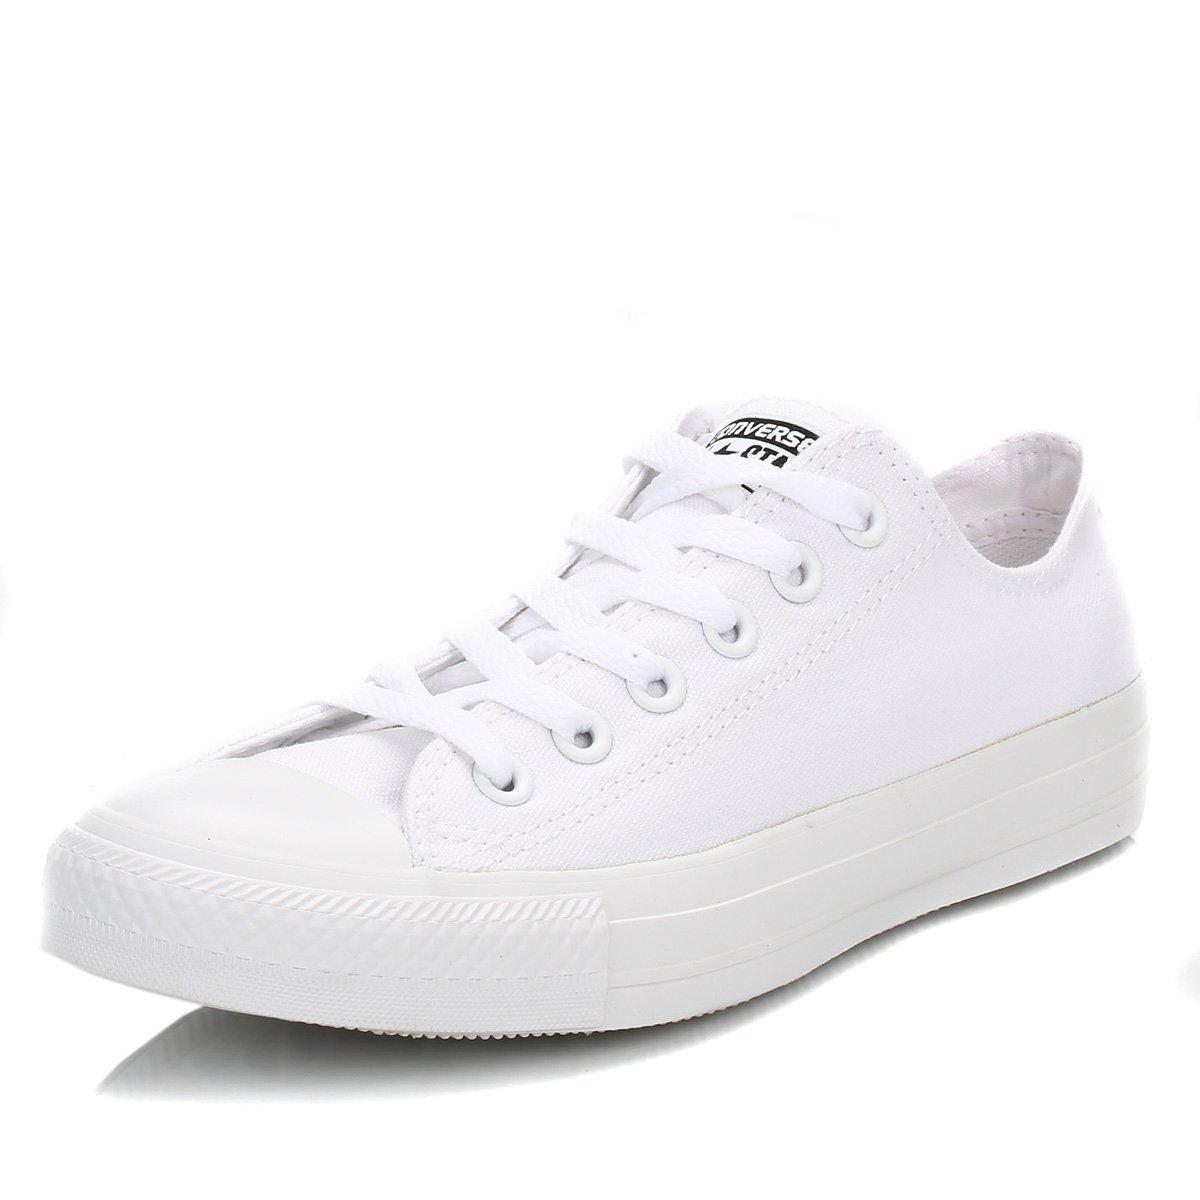 Calzado deportivo para hombre color Blanco marca CONVERSE modelo Calzado Deportivo Para